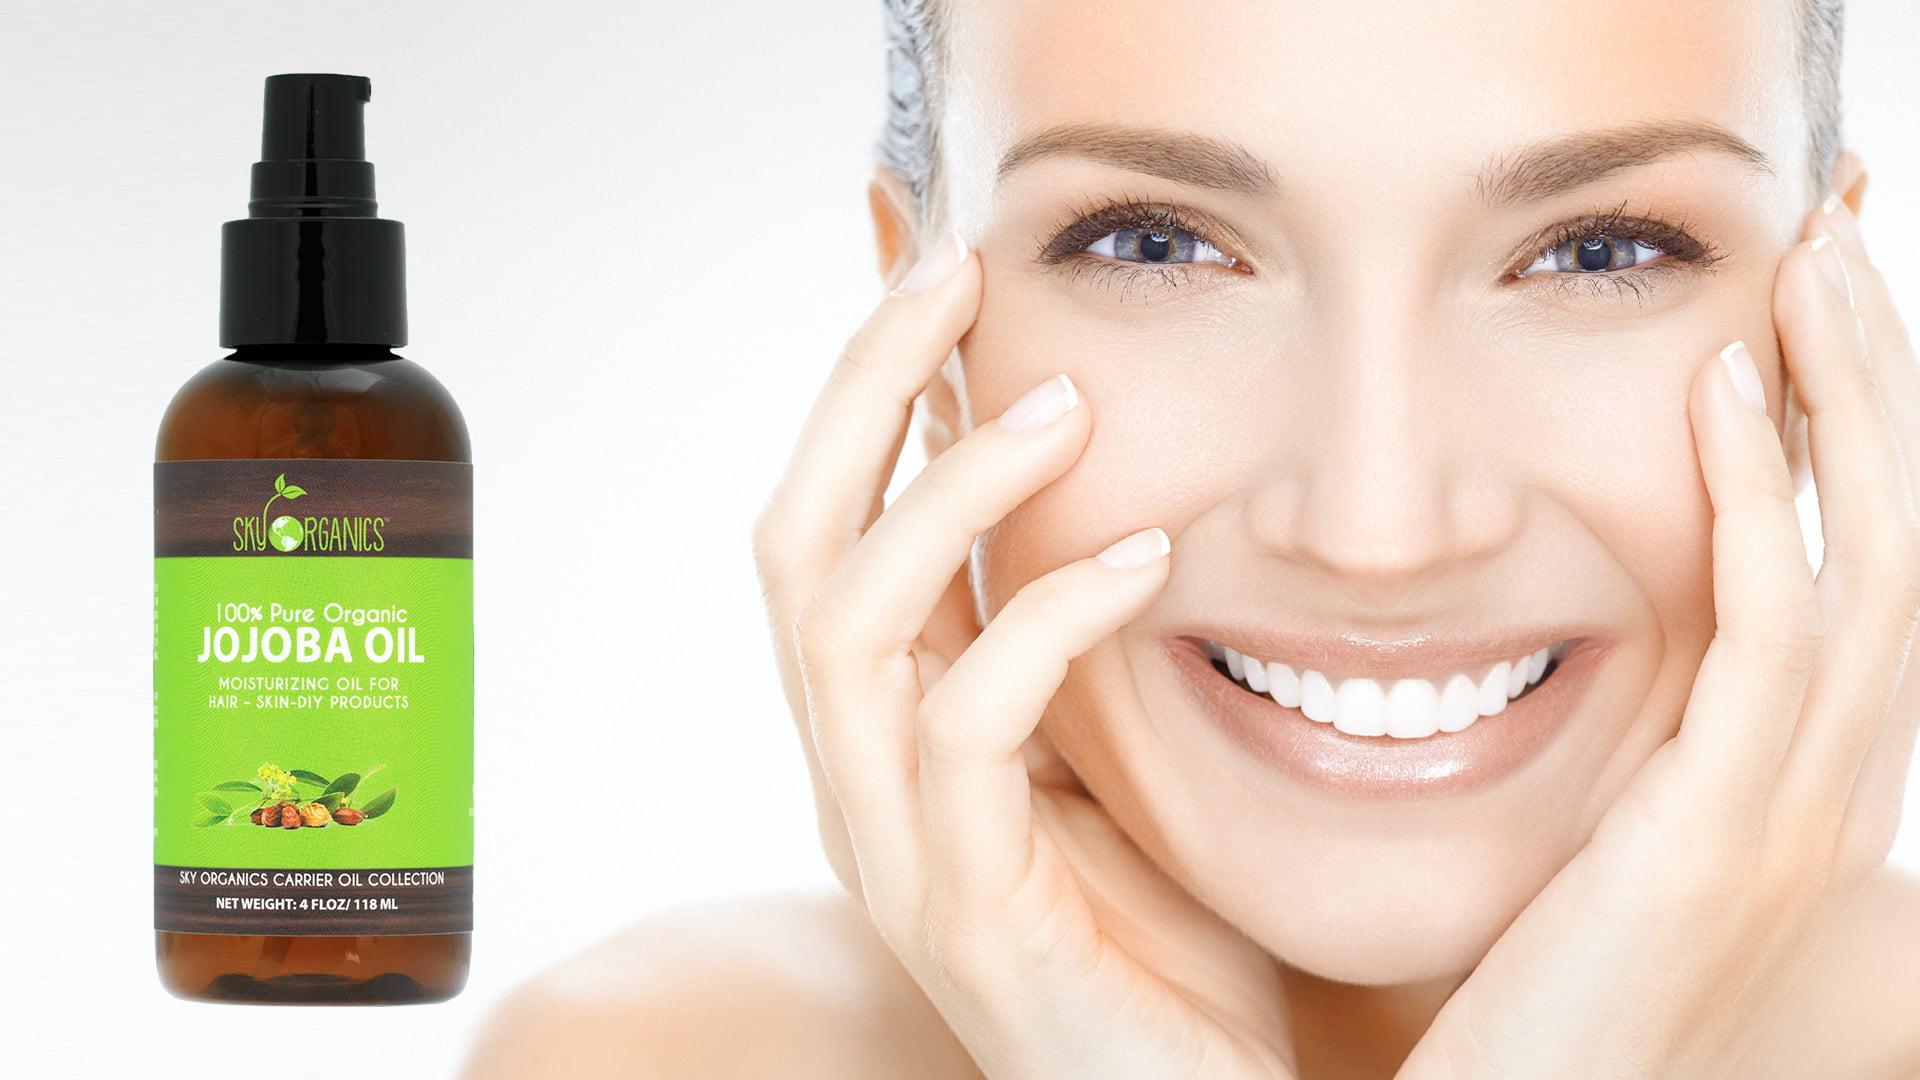 jojoba oil for face